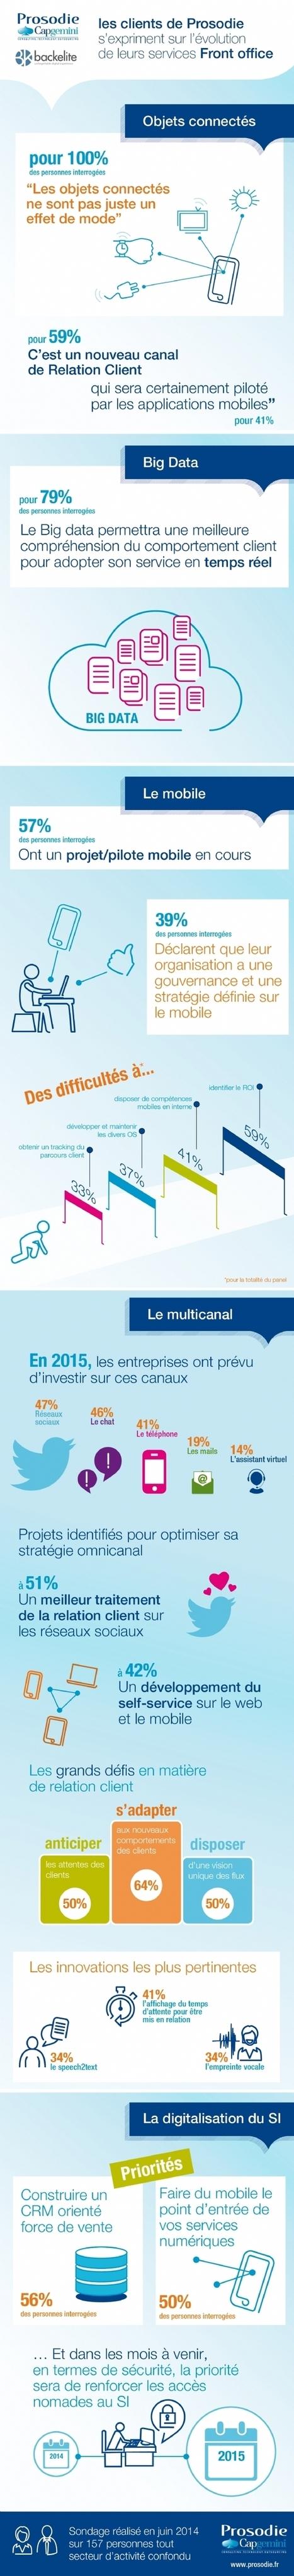 La moitié des entreprises compte investir dans les réseaux sociaux | Etudes de Marché | Scoop.it